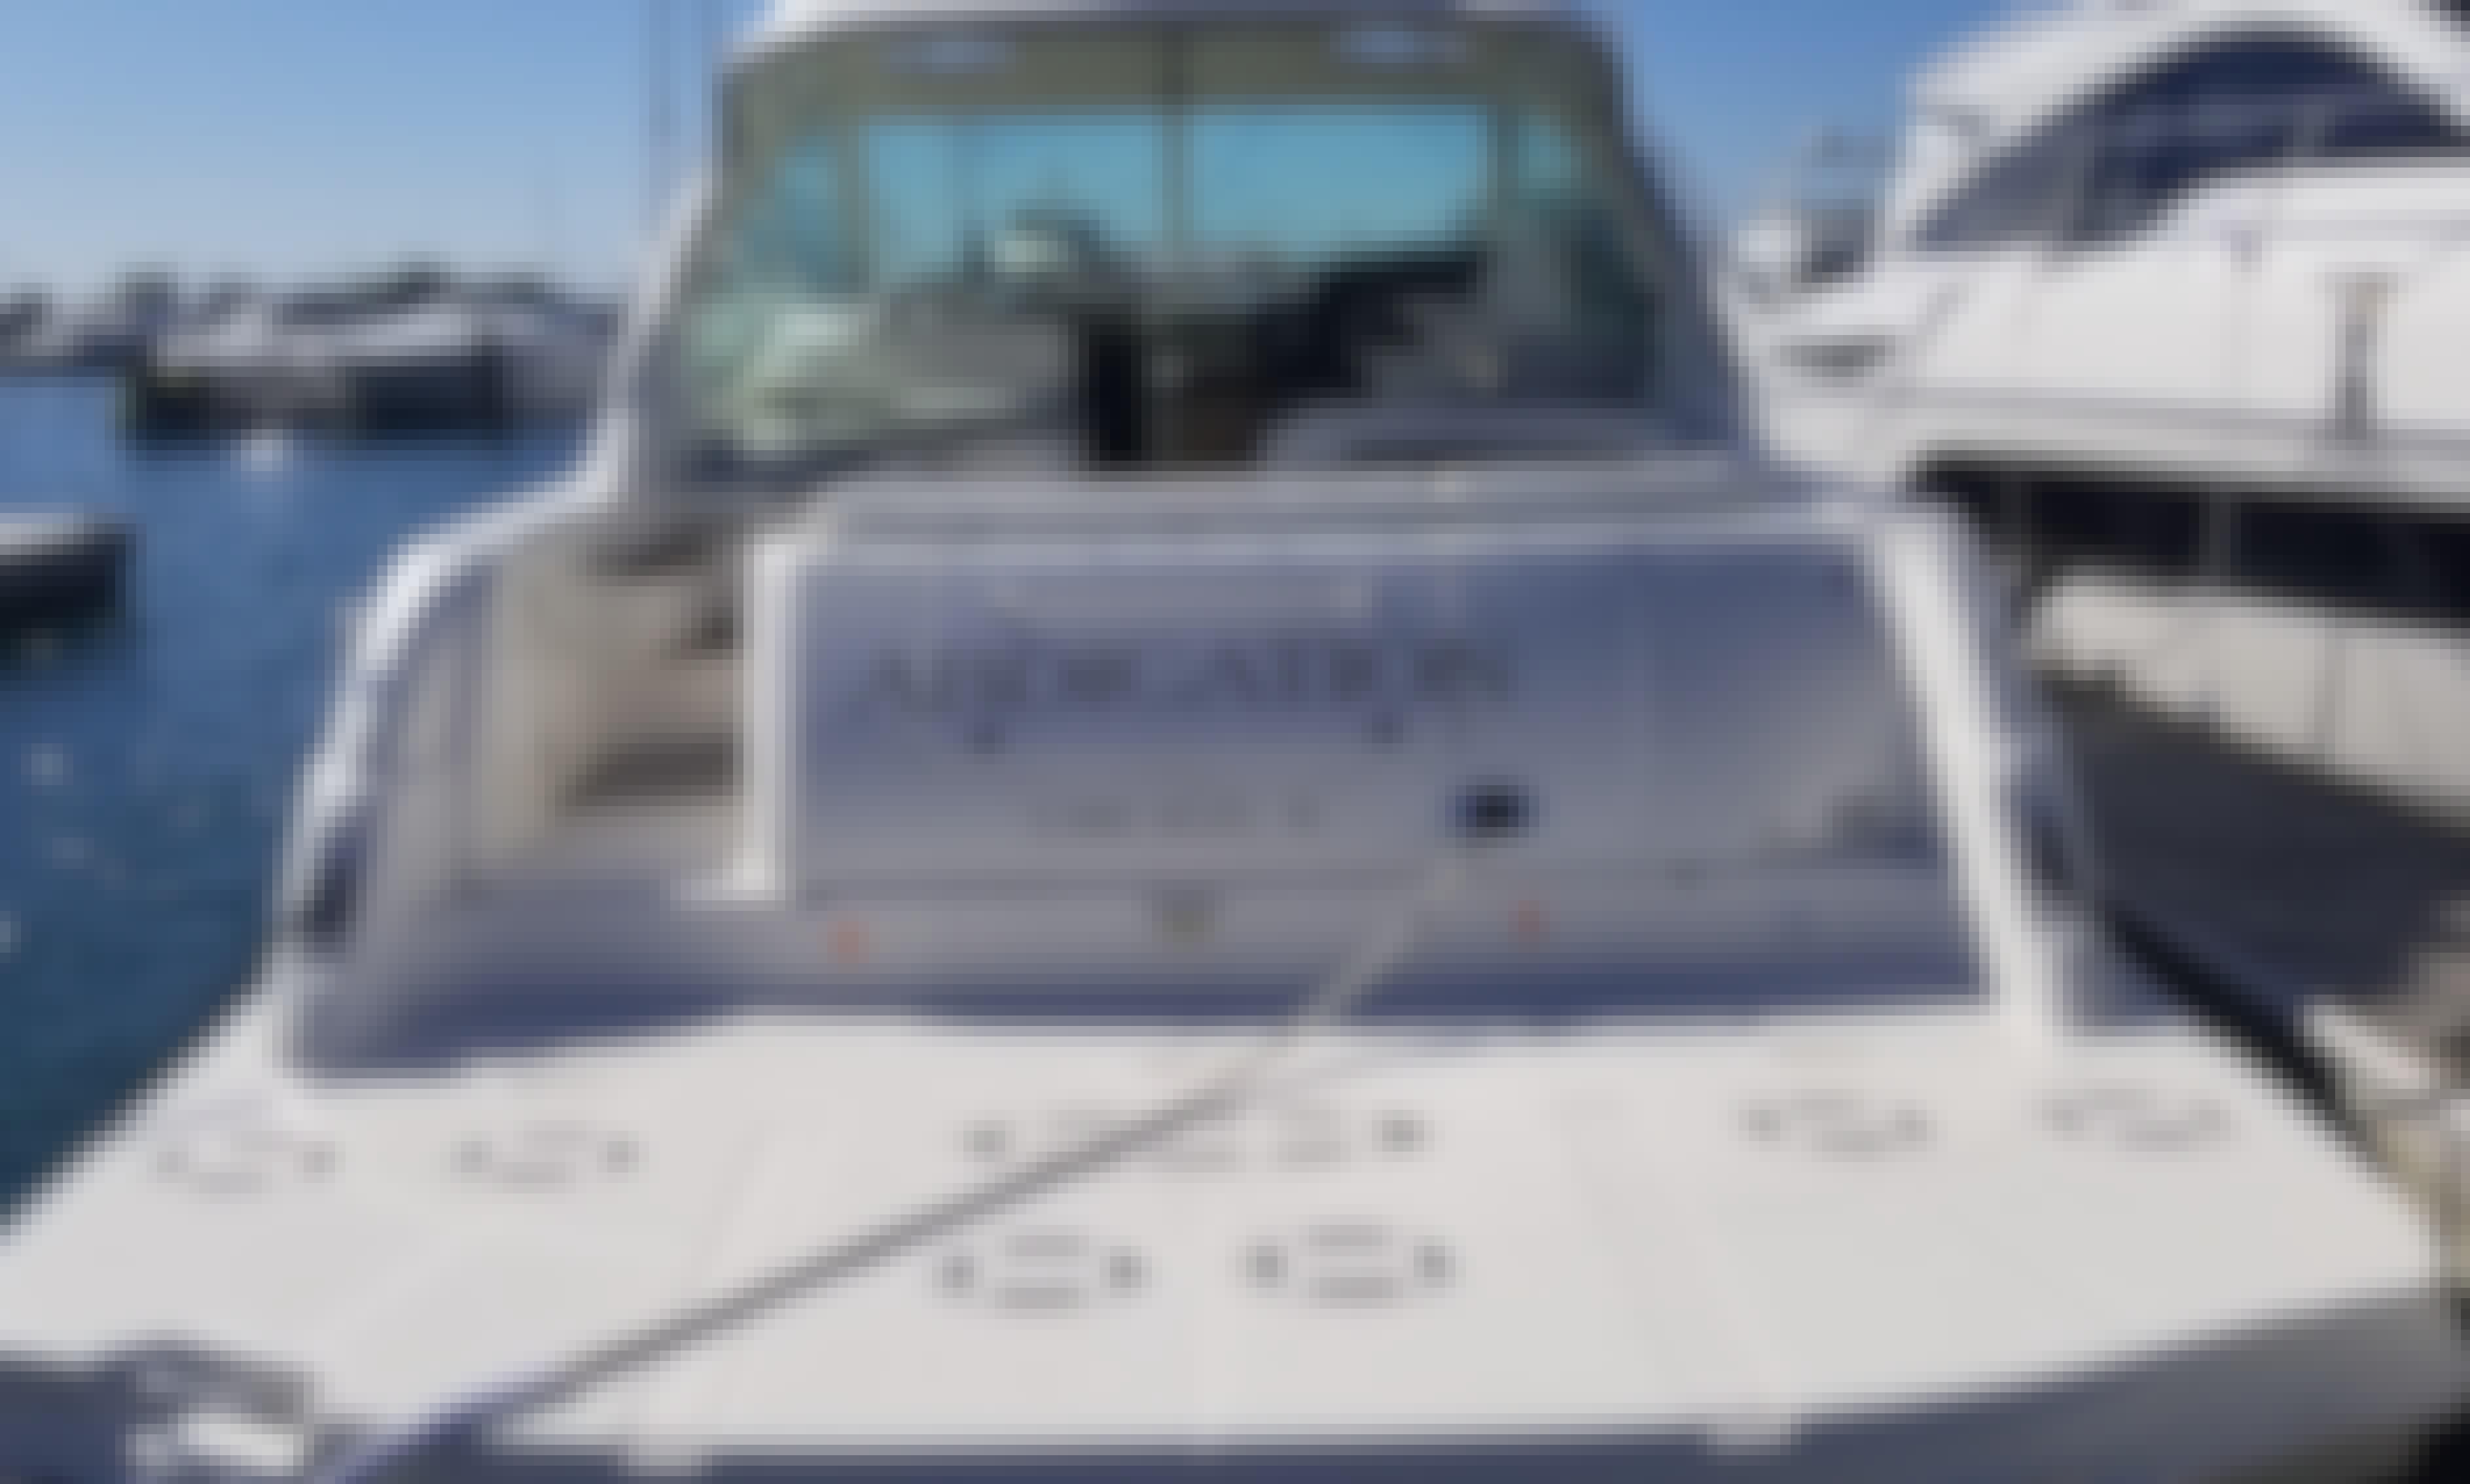 Captained 51' Sea Ray Sundancer Luxury Yacht